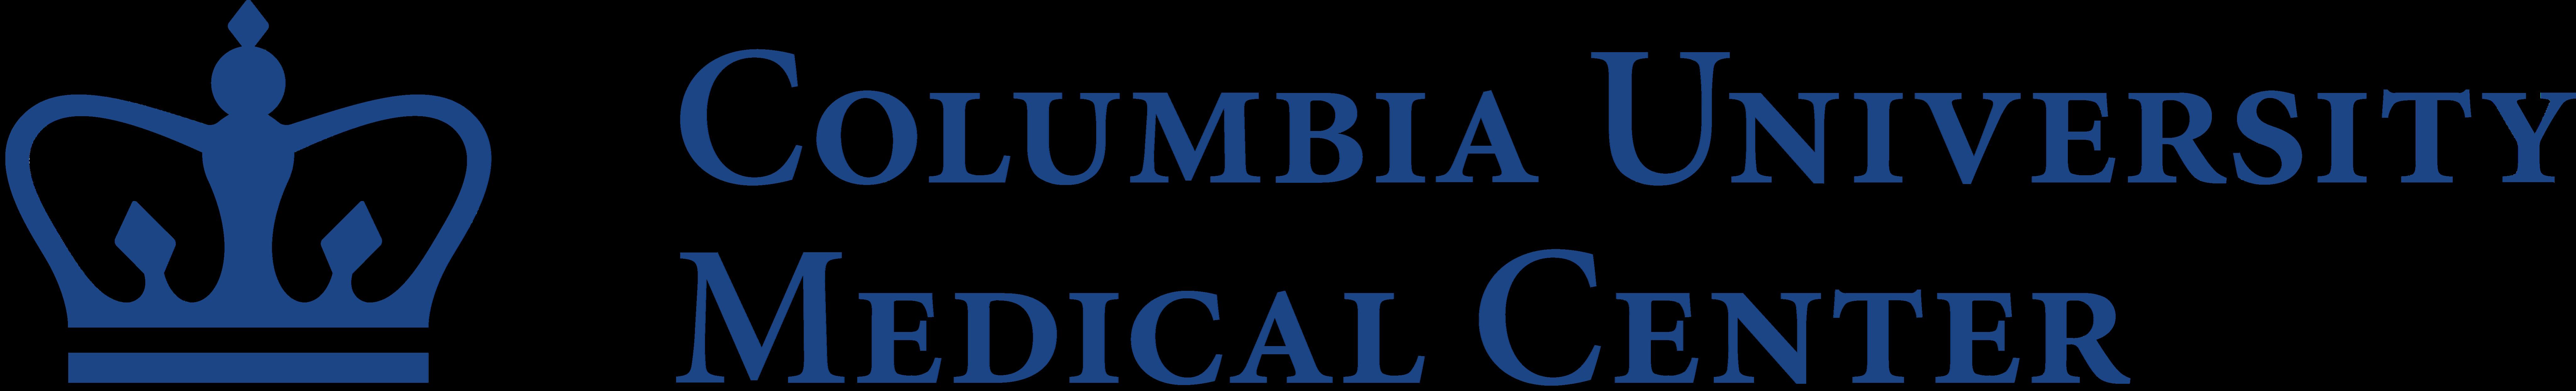 Para obtener más información, visite www.cumc.columbia.edu o llame al  212.305.2862. - Columbia University Logo PNG